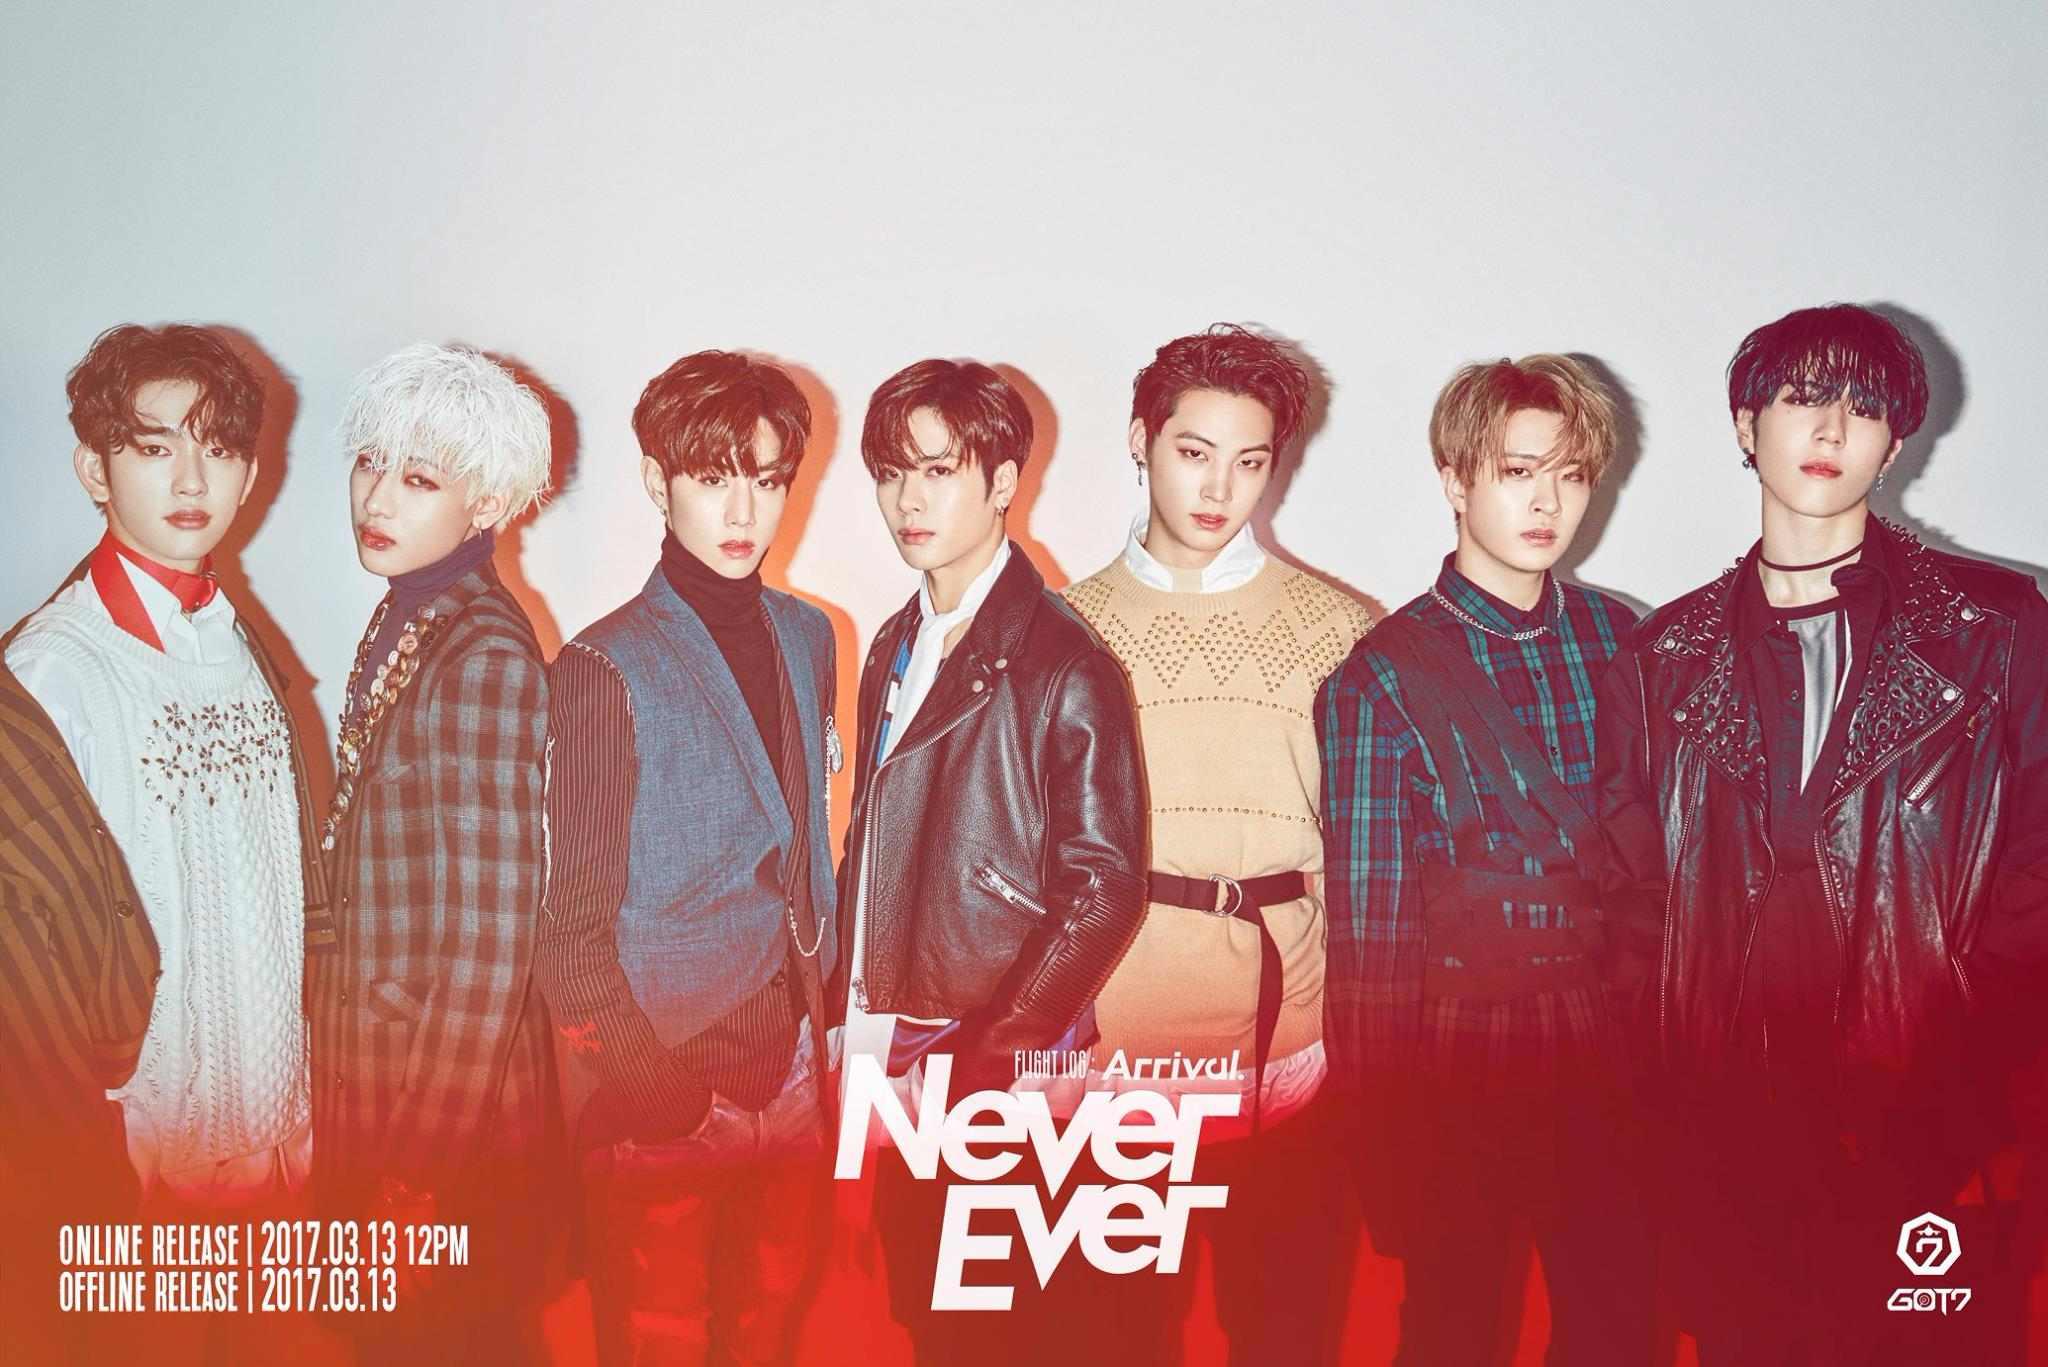 韓國網友認為JYP只是不想再推GOT7而已,尤其是成員Jackson要在中國發專輯的舉動根本是要邁入之前SM家中國成員的後塵等等意見...